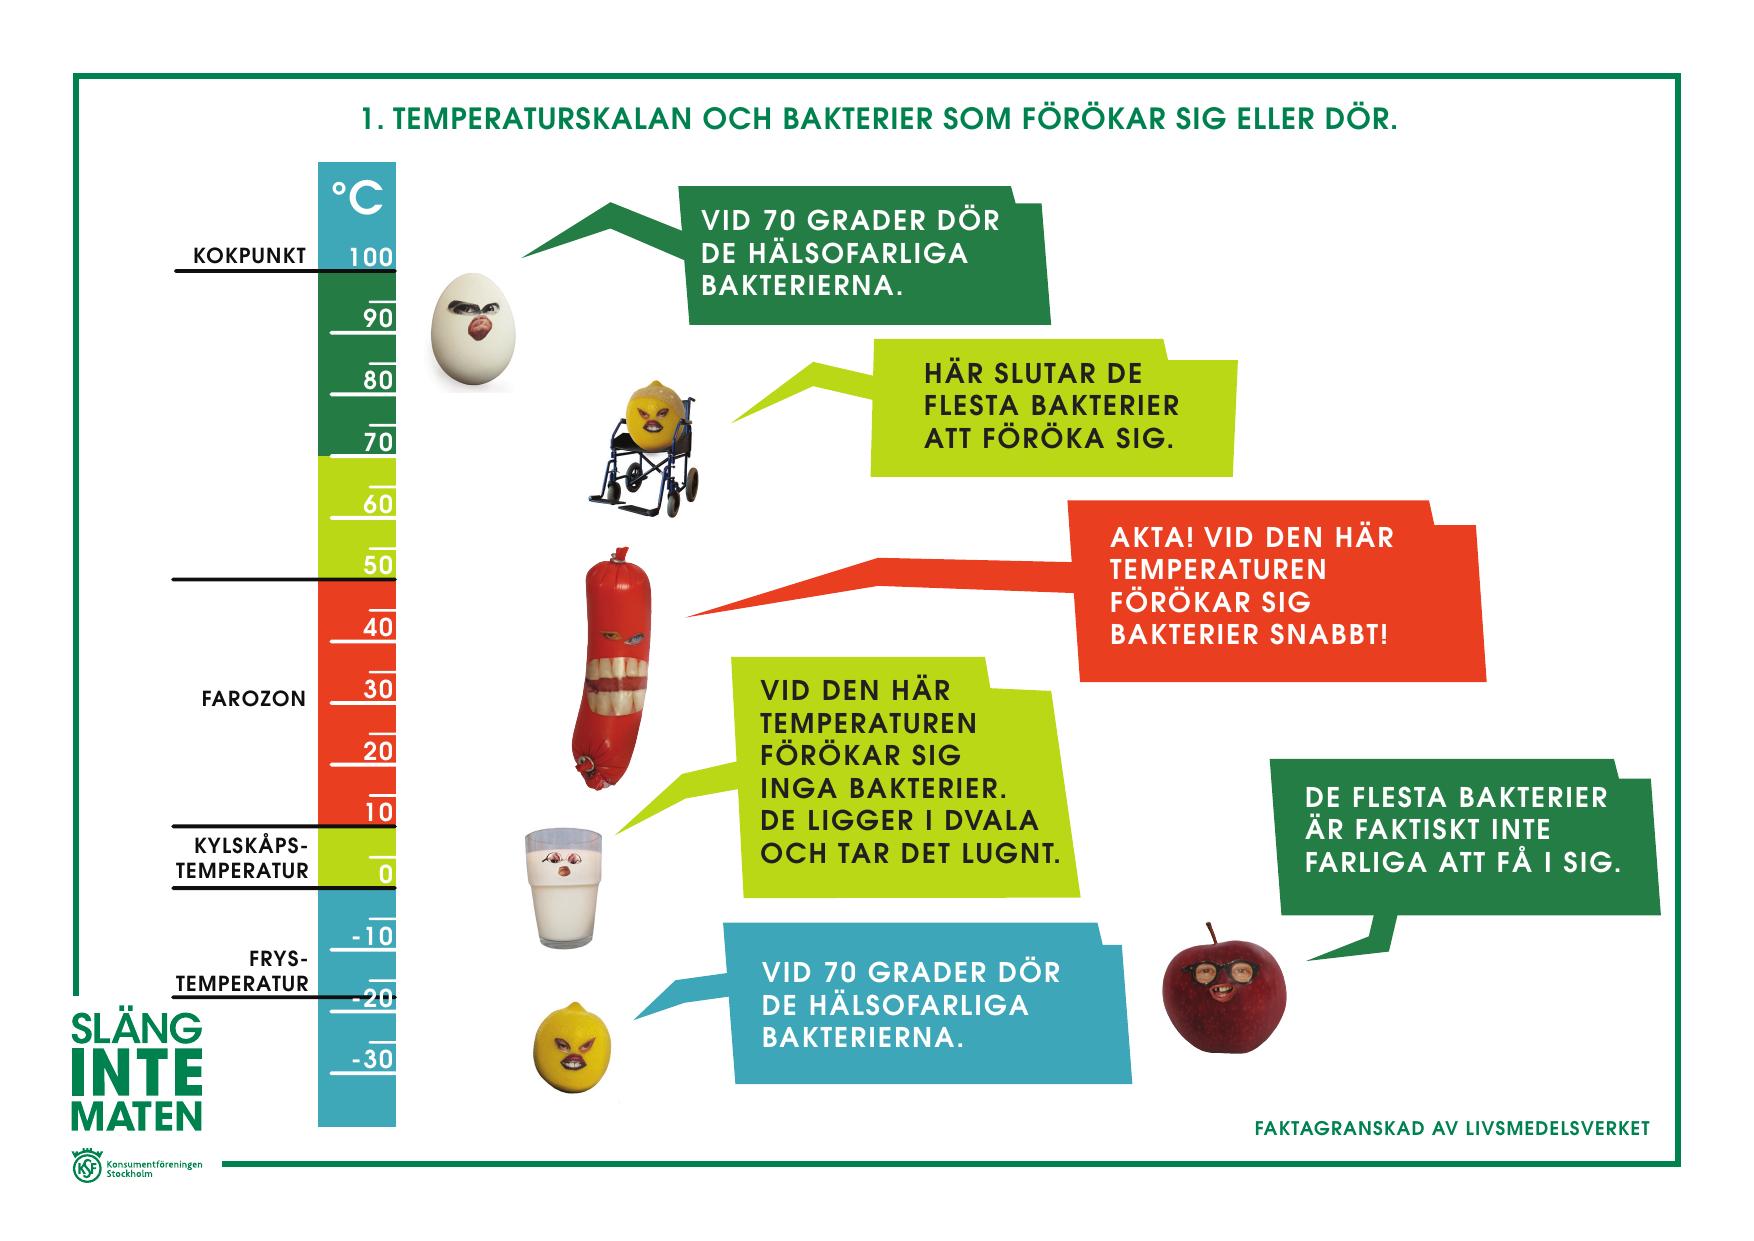 vilken temperatur dör bakterier